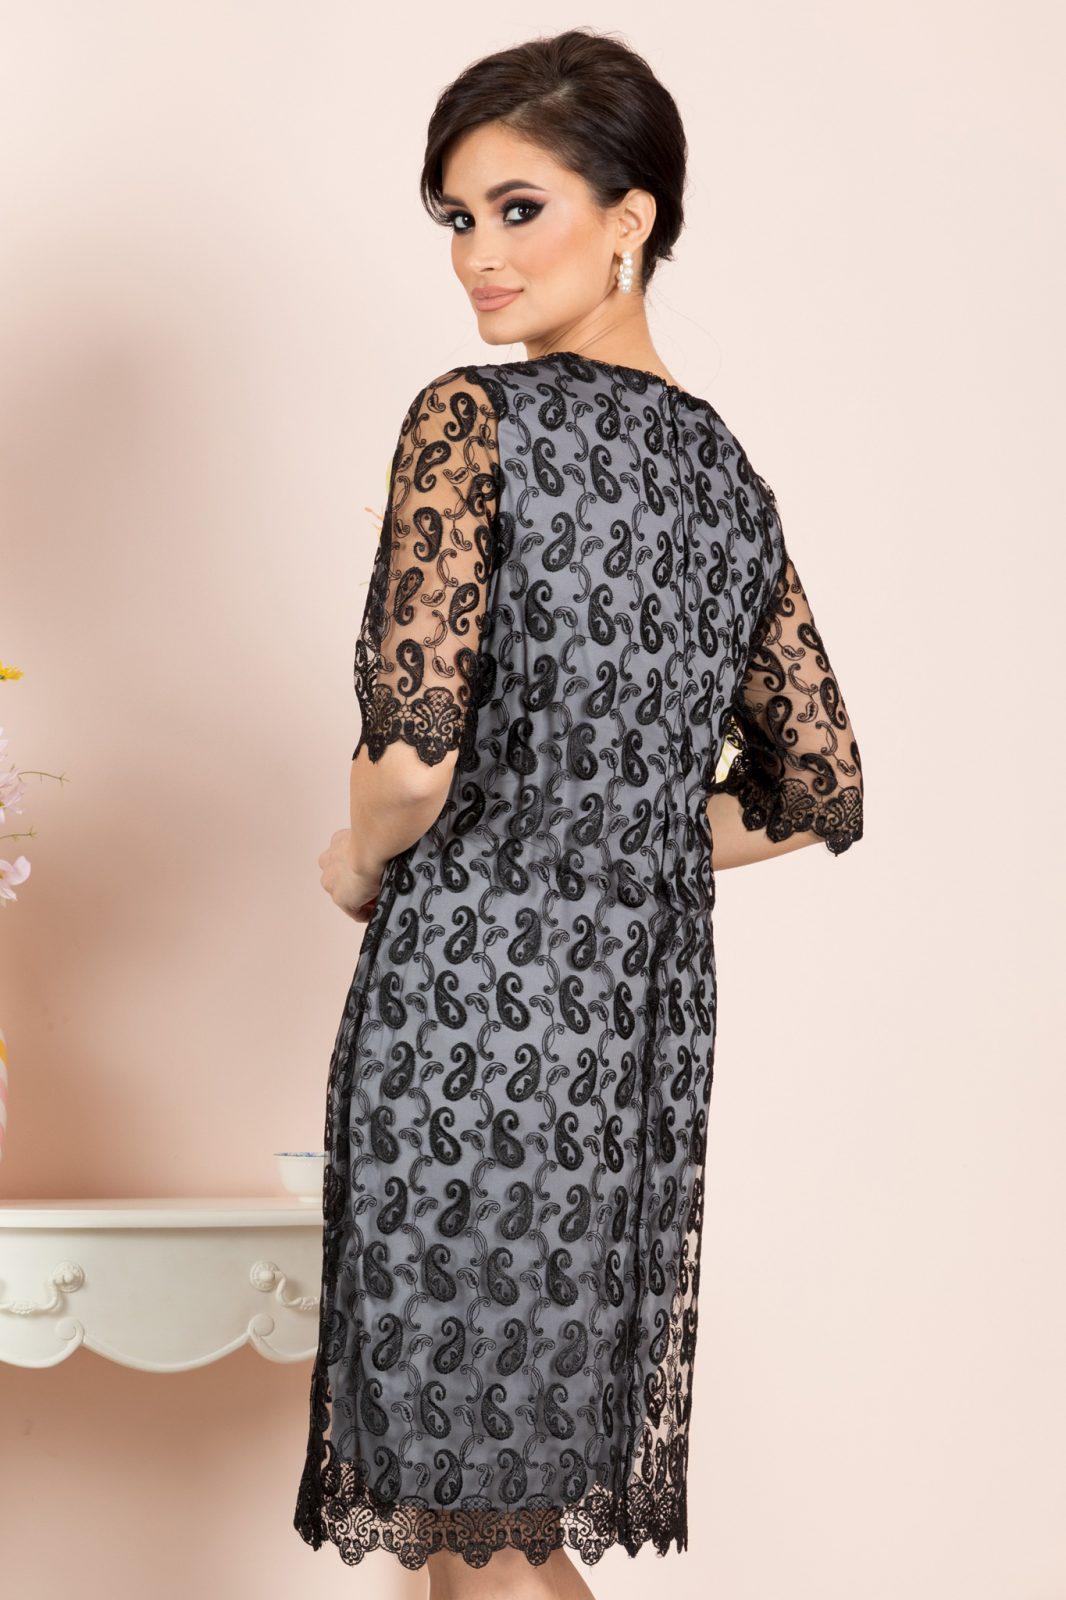 Μπλε Βραδινό Φόρεμα Με Δαντέλα Emilly 8197